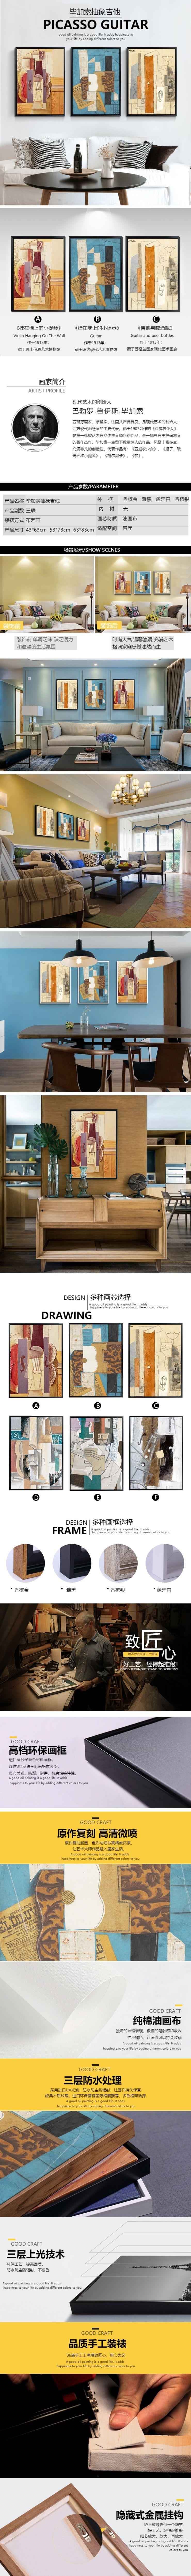 时尚抽象装饰画工艺品电商详情页